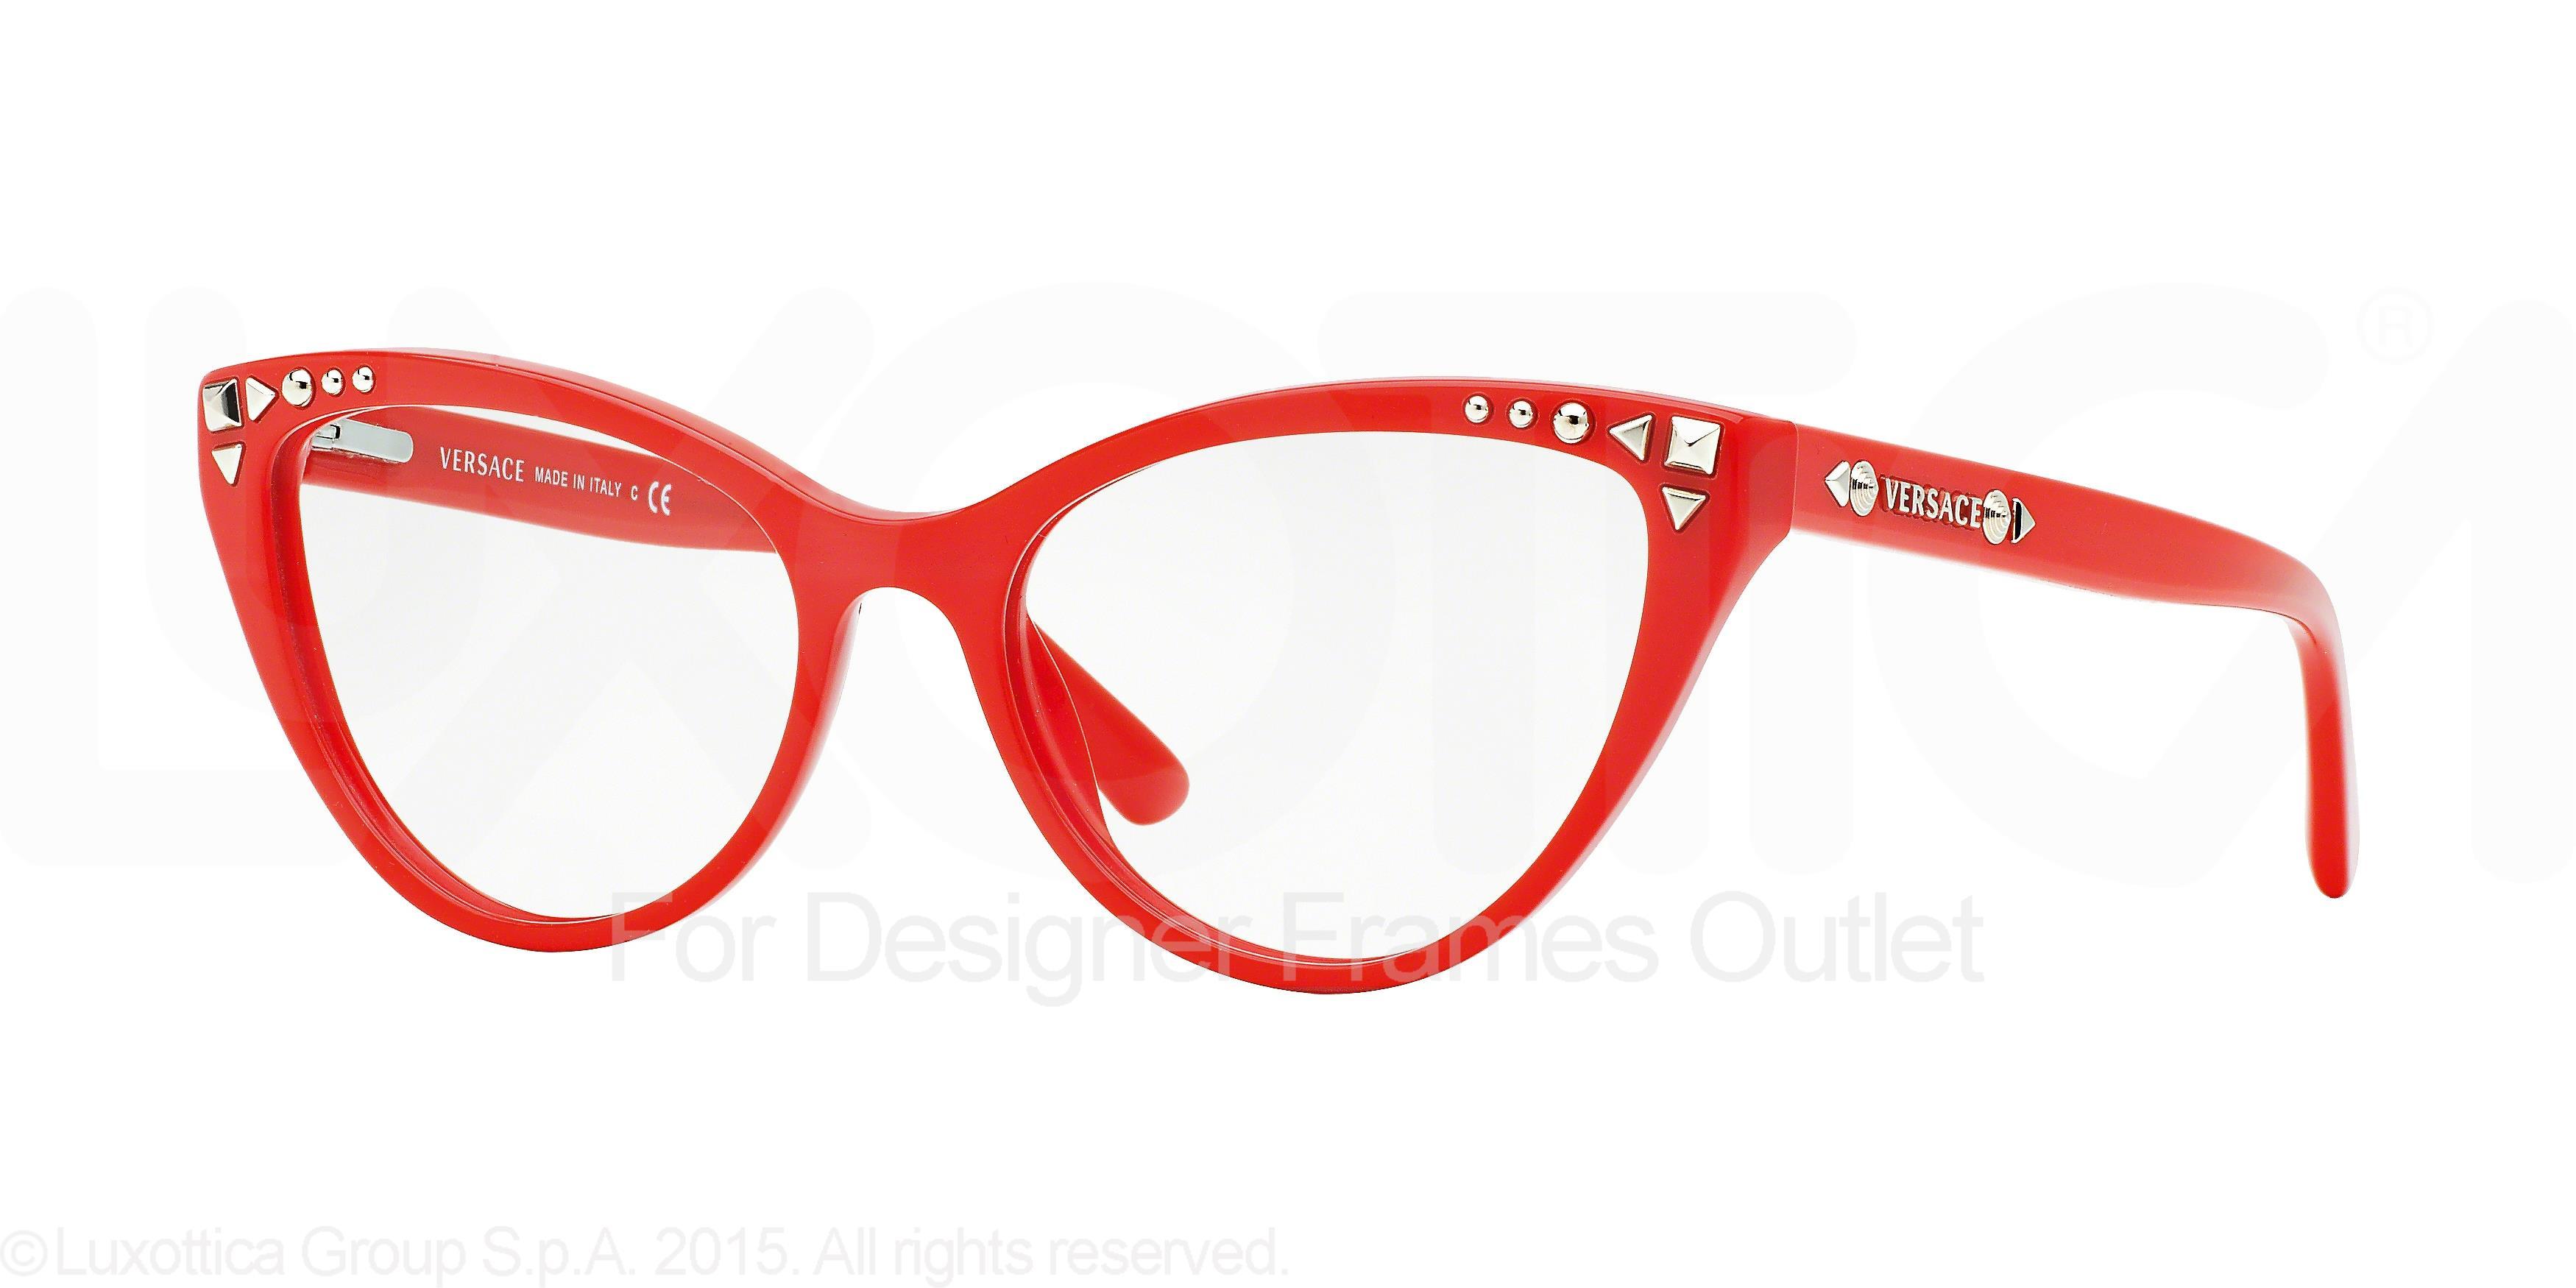 f79d27703c8 Designer Frames Outlet. Versace VE3191